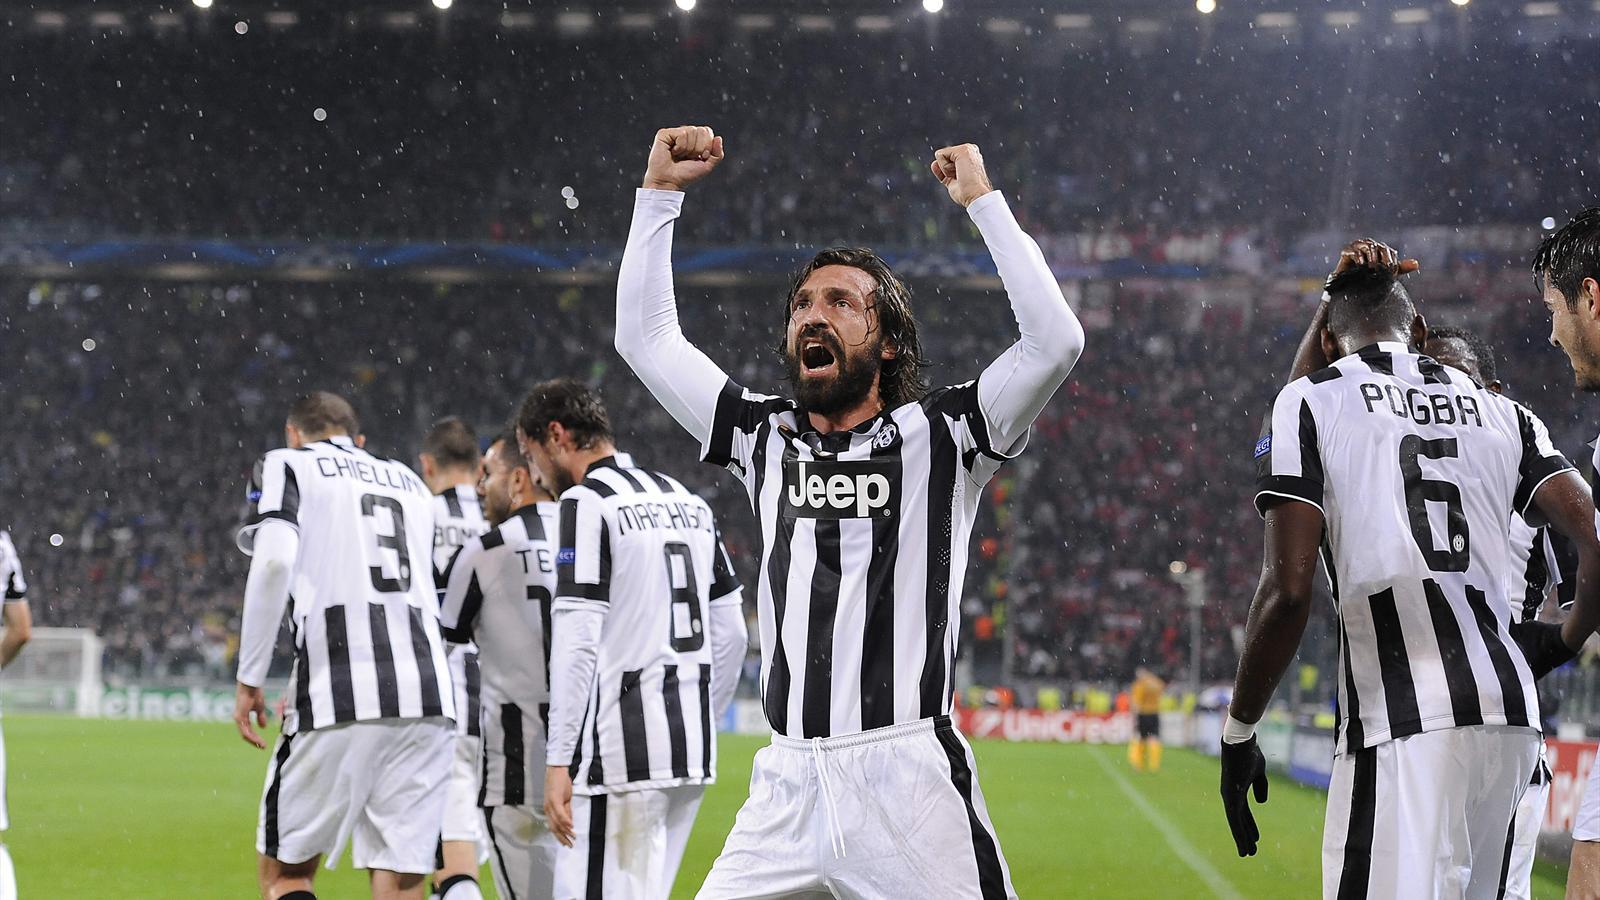 nueva llegada última selección de 2019 predominante Dramatic fightback gives Juventus win over Olympiacos ...